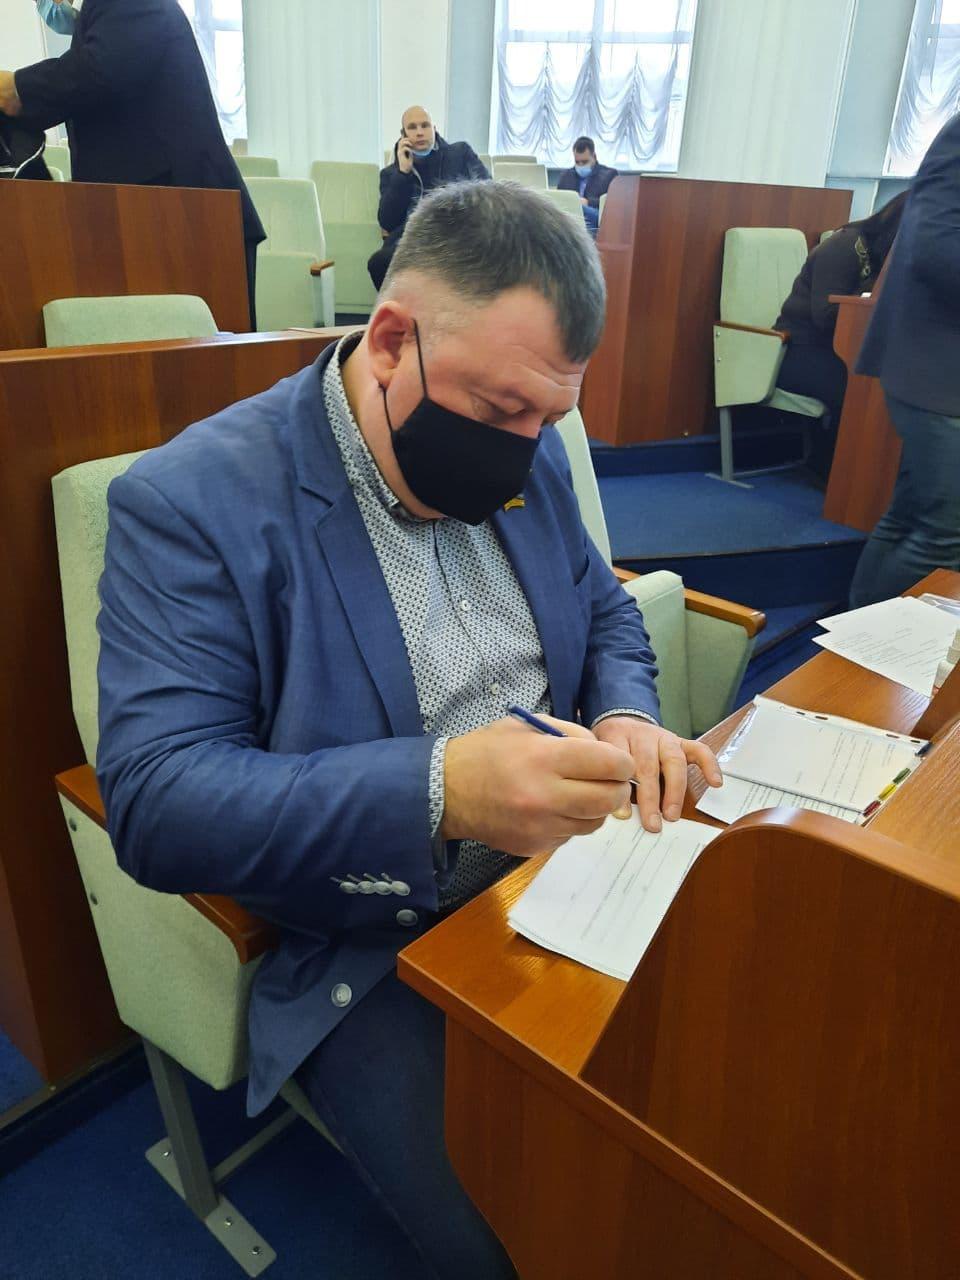 Кодексу доброчесності депутати мають дотримуватися протягом усієї своєї діяльності, – Олександр Радуцький